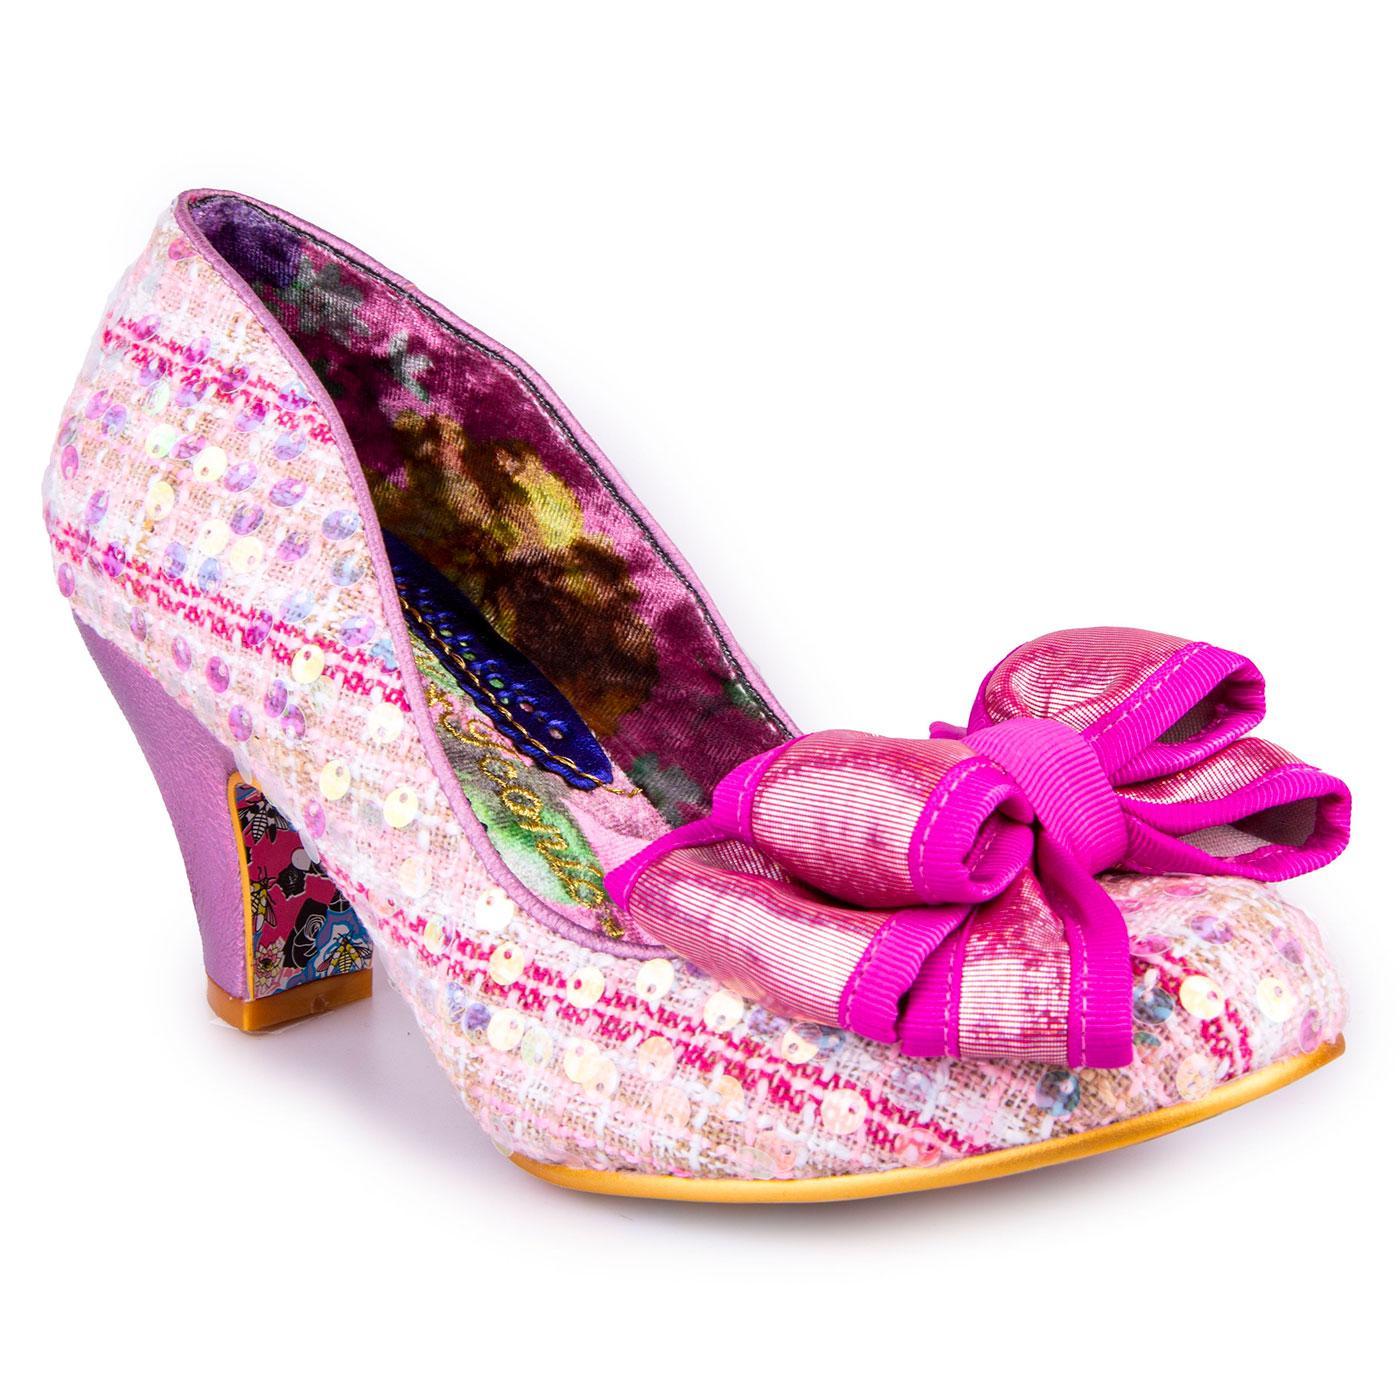 Ban Joe IRREGULAR CHOICE Retro Tweed Shoes - Pink